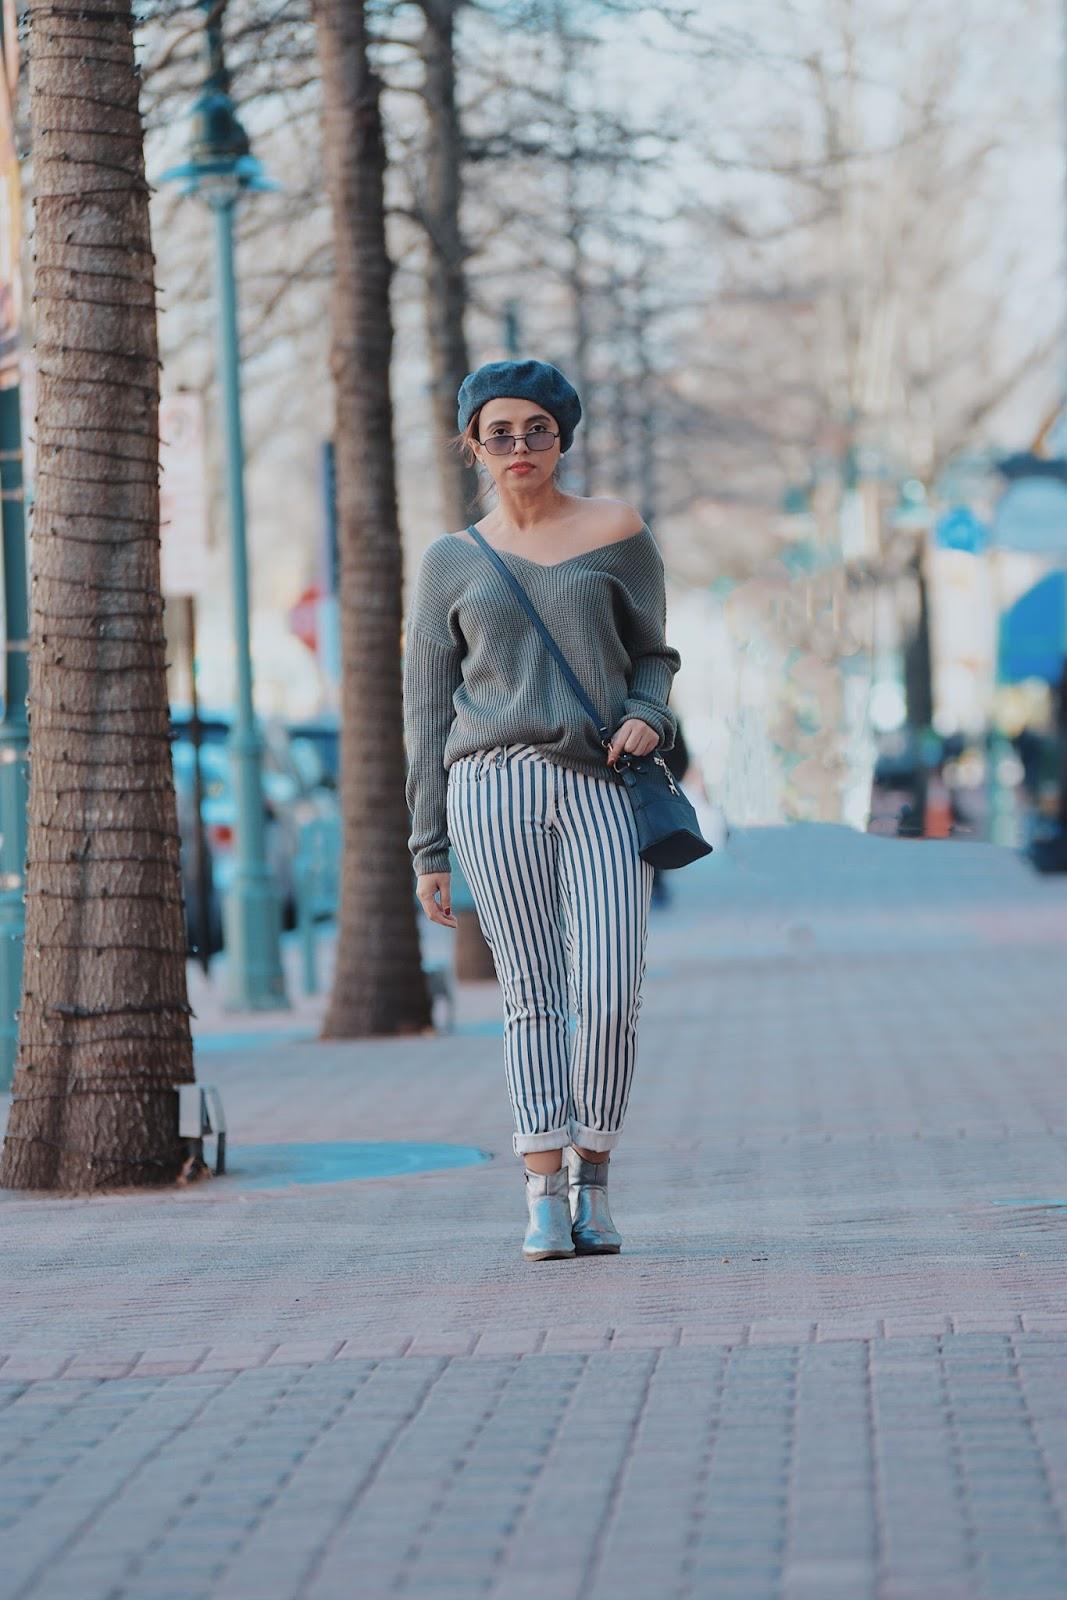 Wearing:  Jersey: ZAFUL  Beret: Choies-  Pants: Aeropostale - Boots: Charlotte Ruse